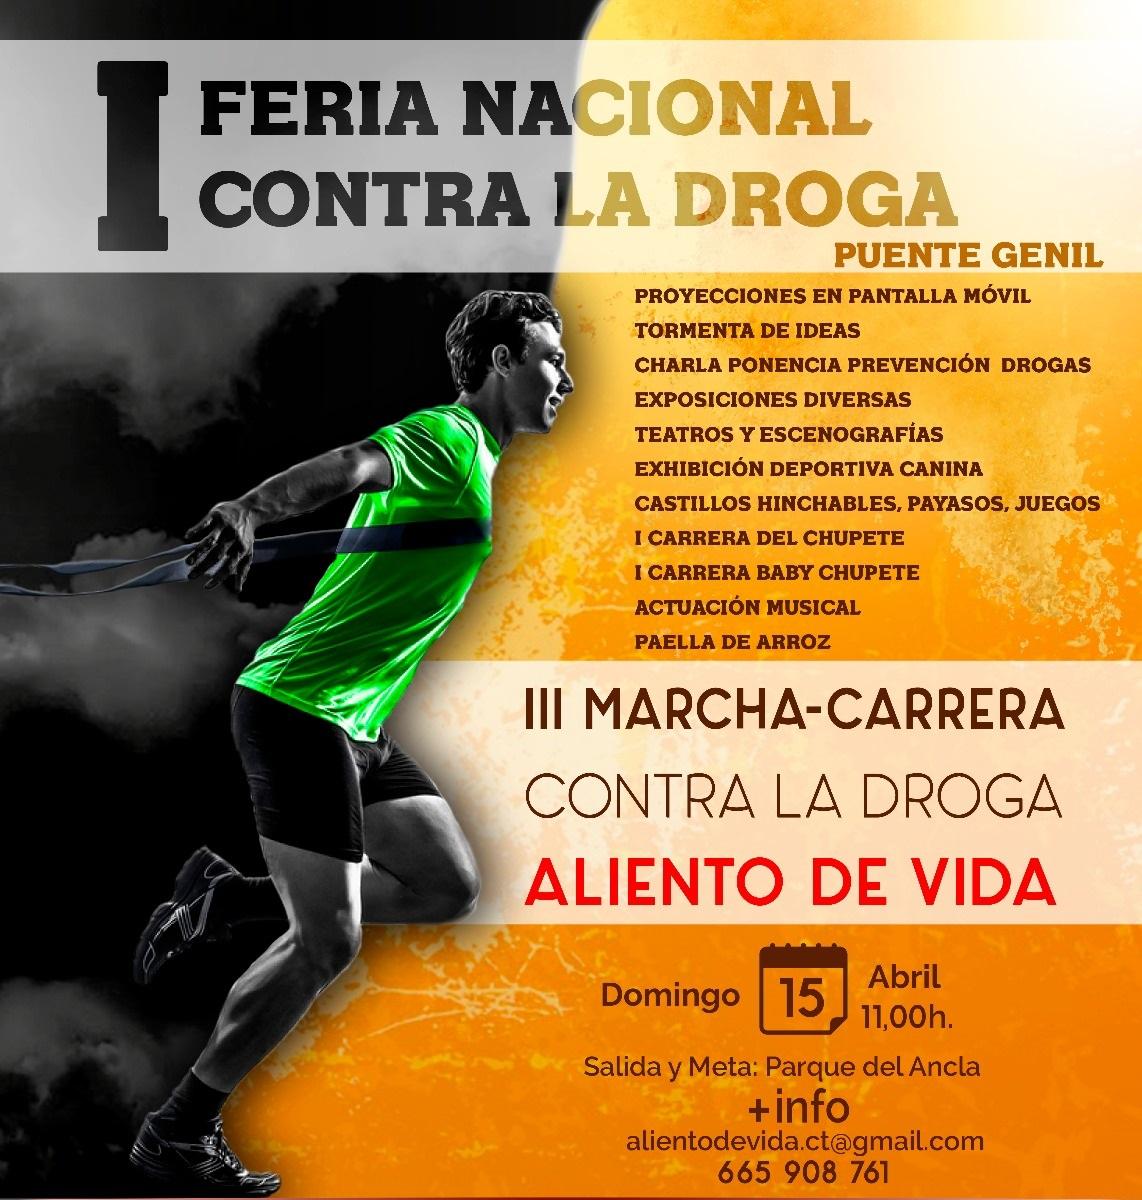 I Feria Nacional contra la droga